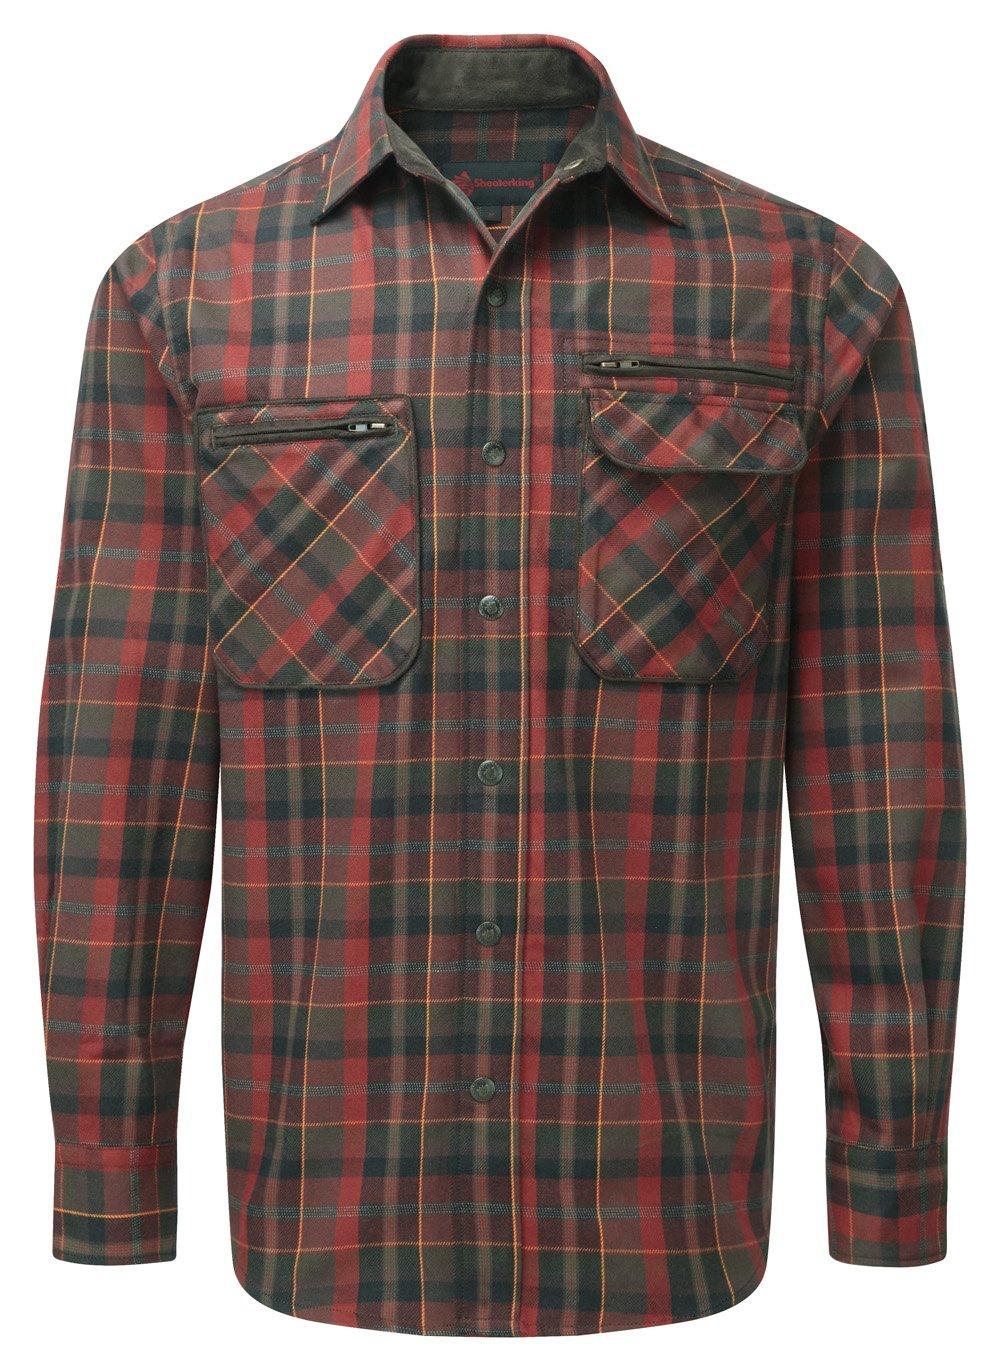 Shooterking Herren Grünland Long Sleeve Shirt